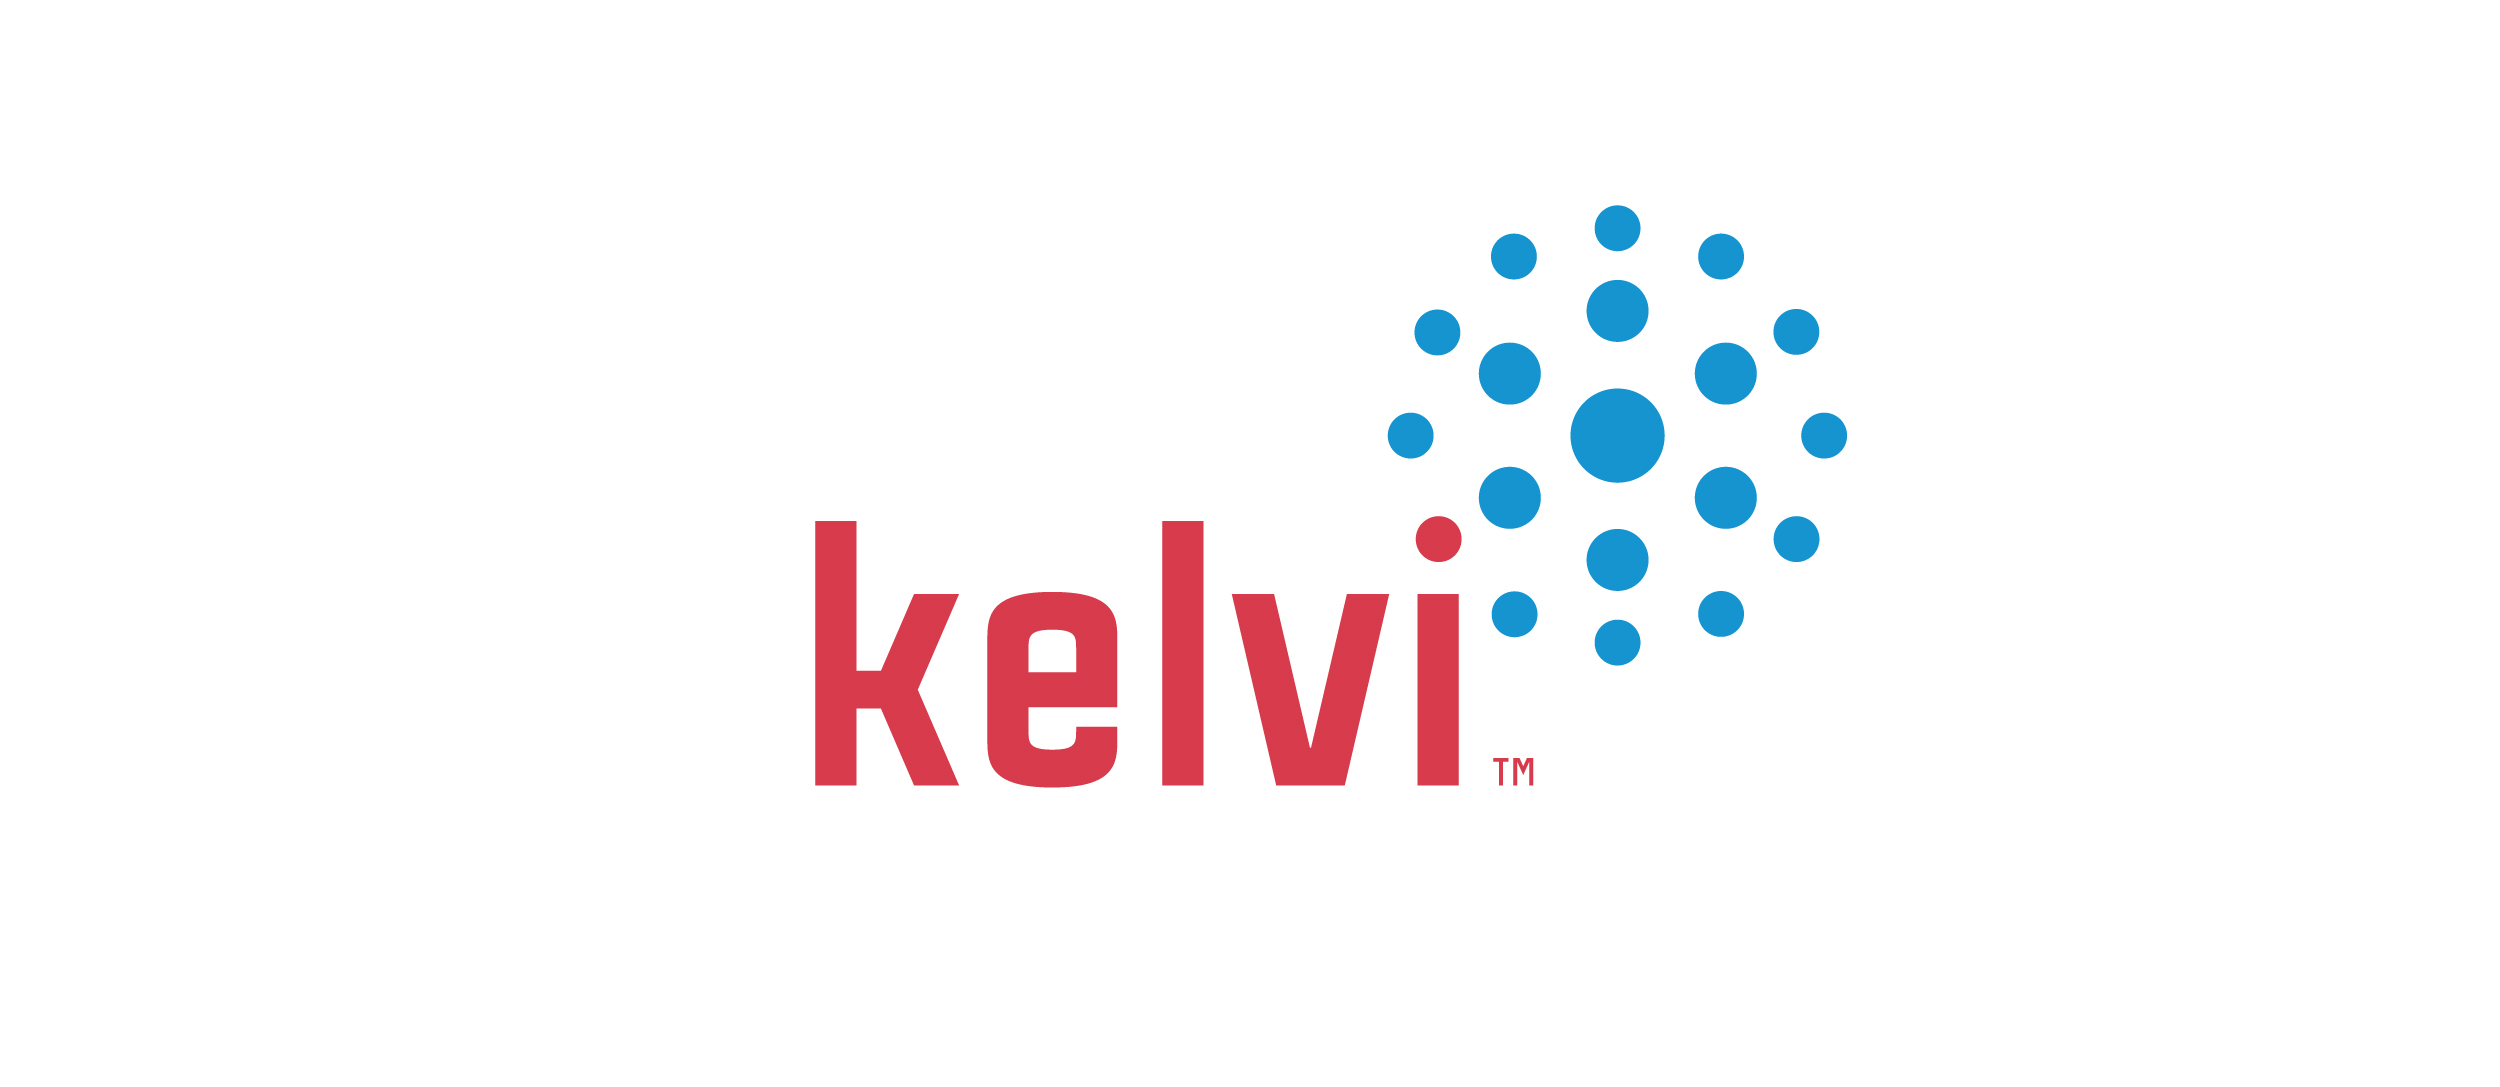 190905_kelvi website layout-01.jpg